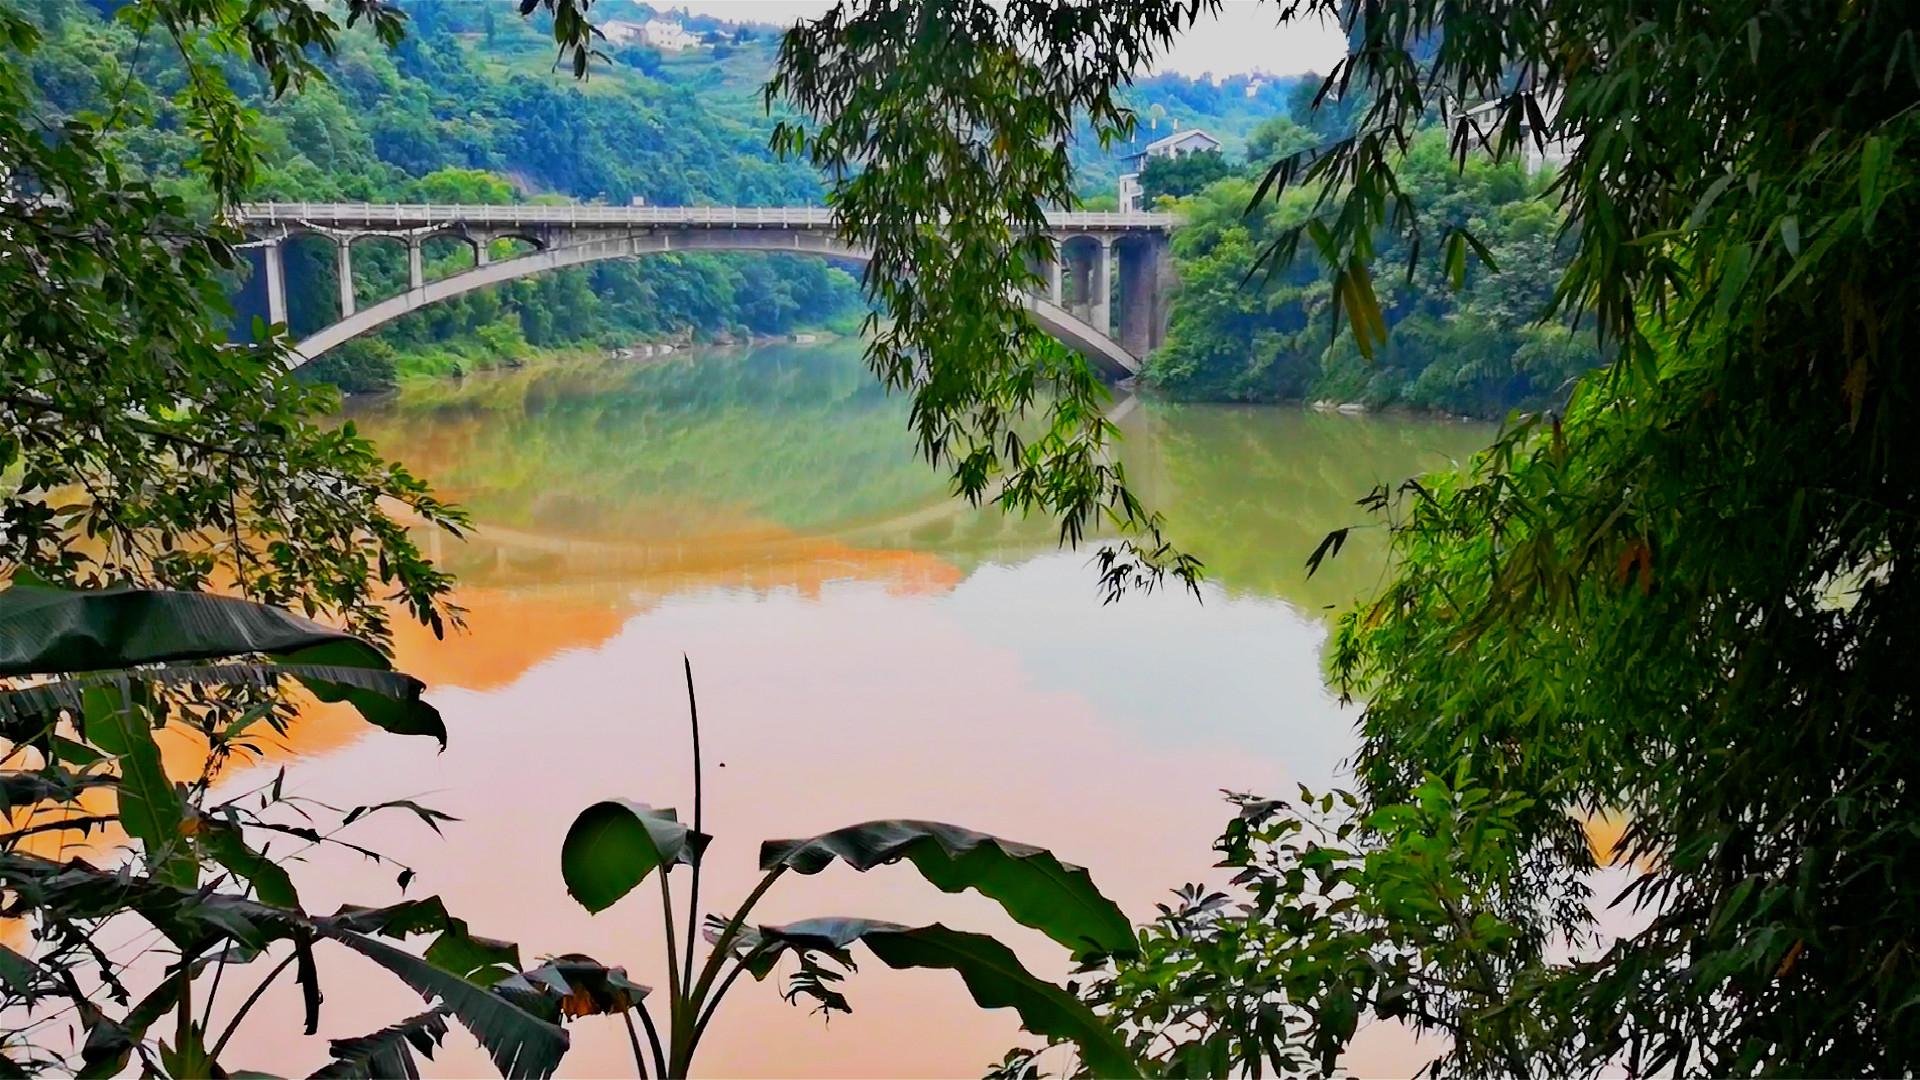 重庆鲜为人知的古镇,一条河竟有两个颜色,真的太神奇了